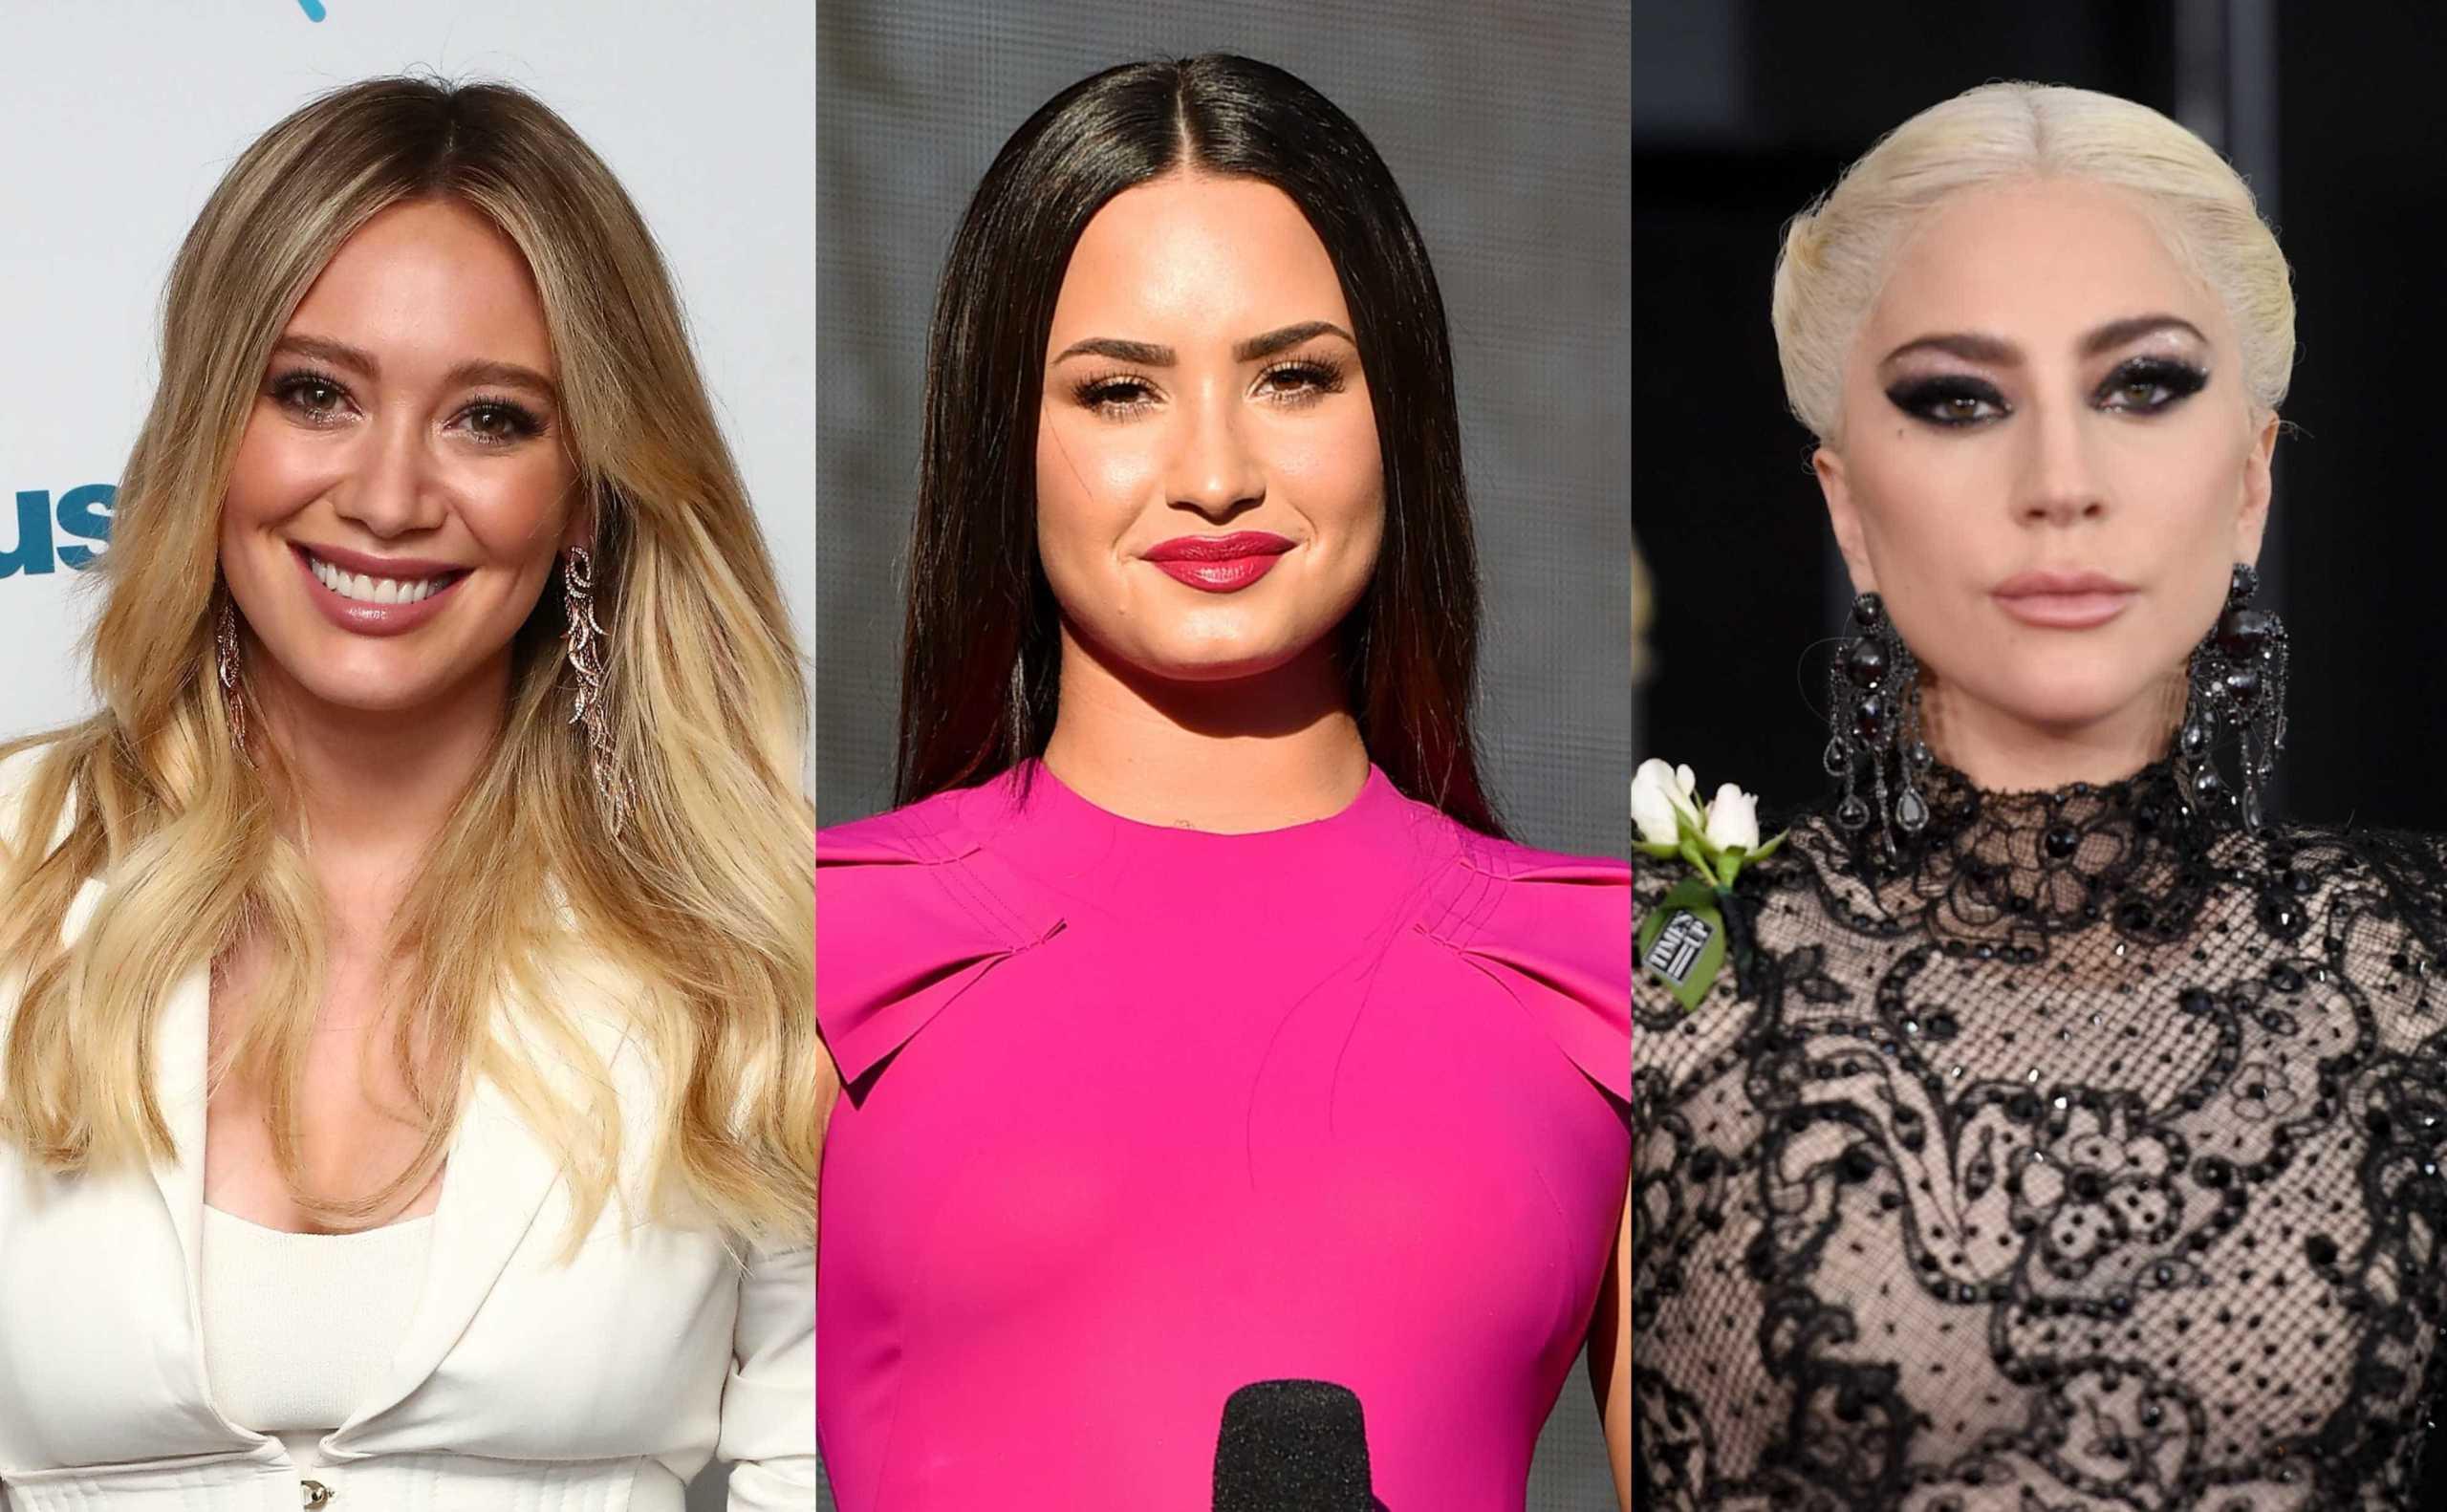 Estas celebridades já sofreram de anorexia e distúrbios alimentares